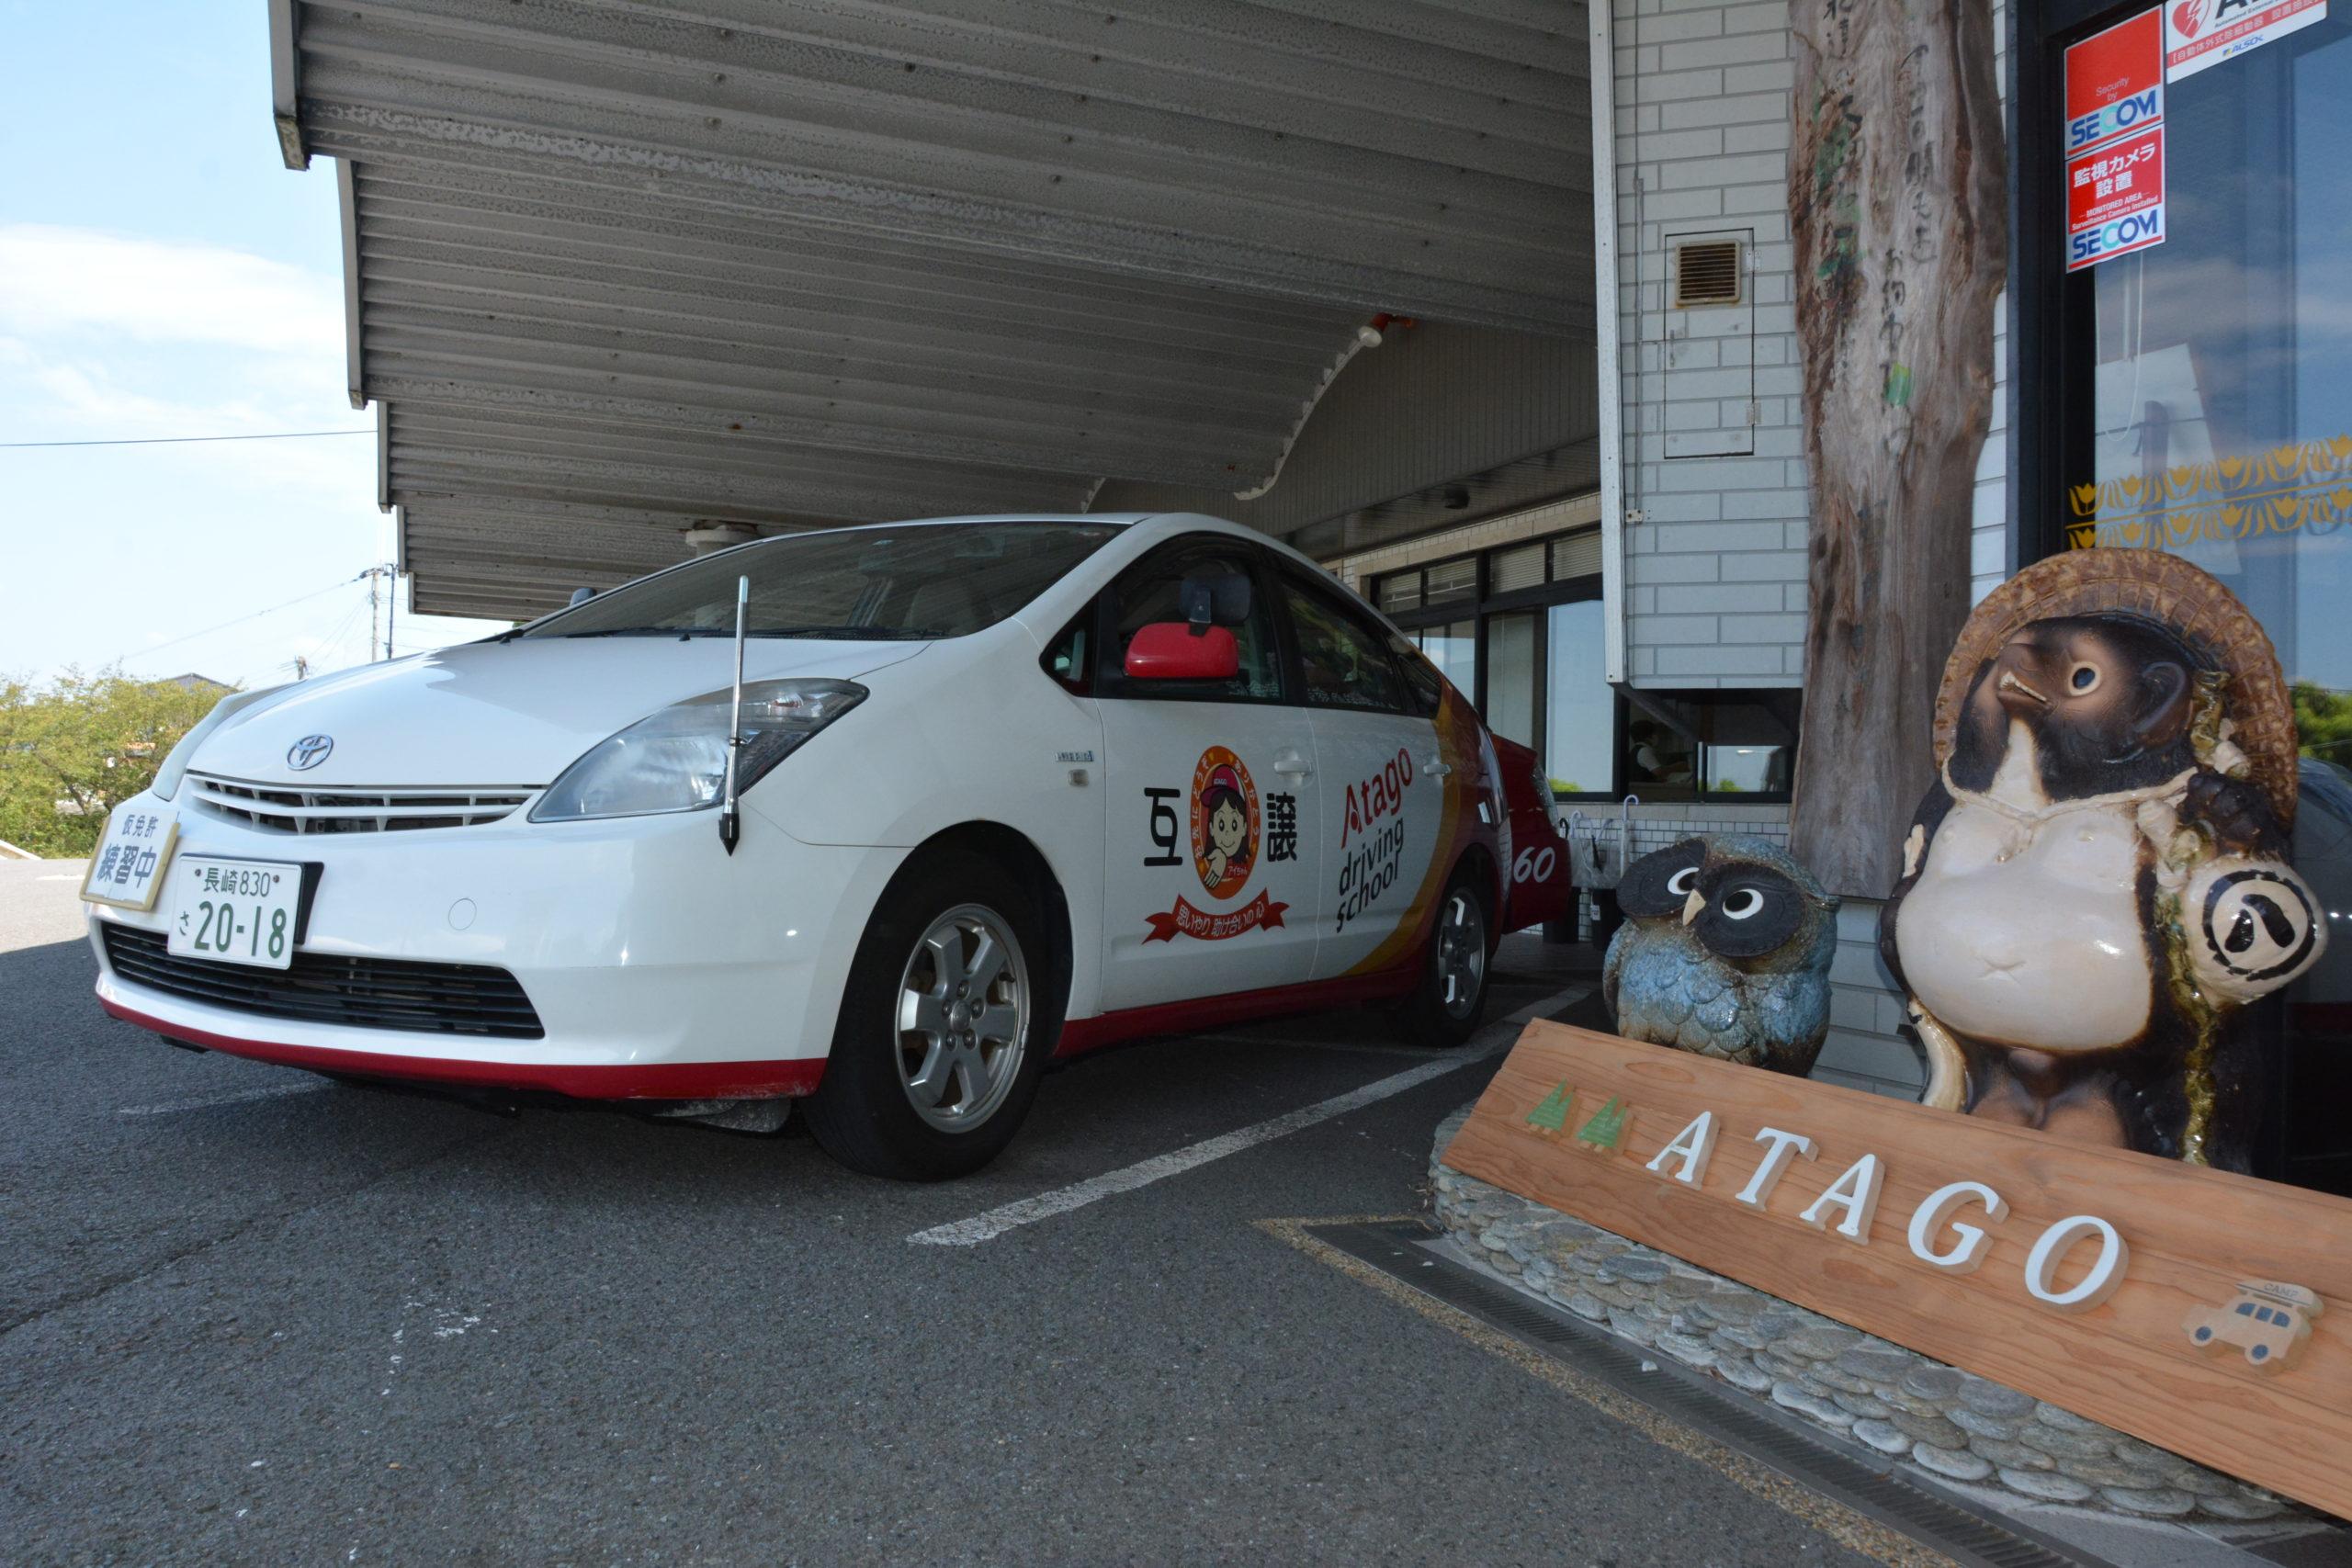 学校 あたご 自動車 あたご自動車学校(長崎県)のご紹介|イエローハットの合宿免許